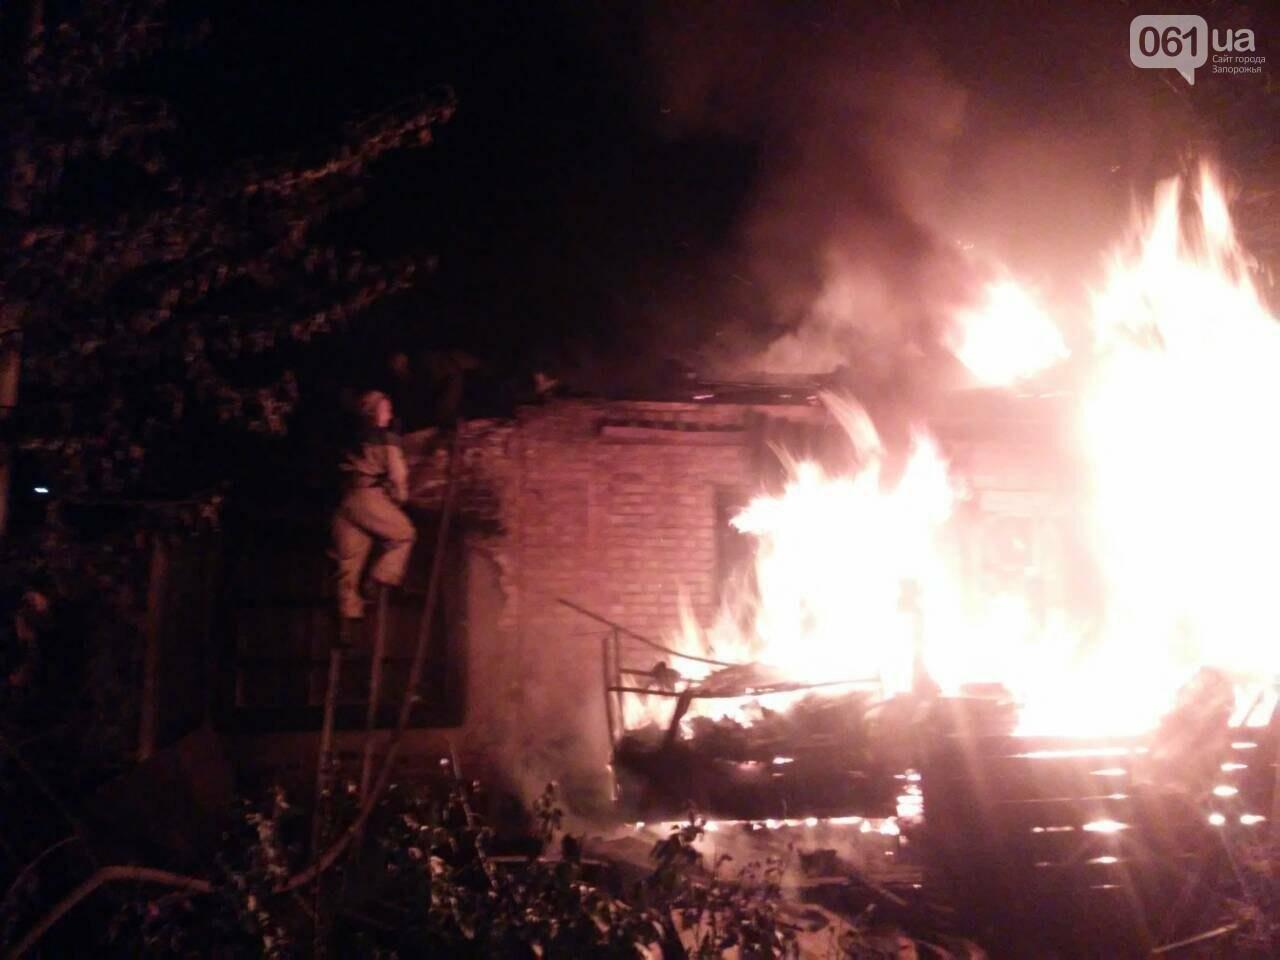 В центре Гуляйполя сгорел жилой дом, - ФОТО, фото-2